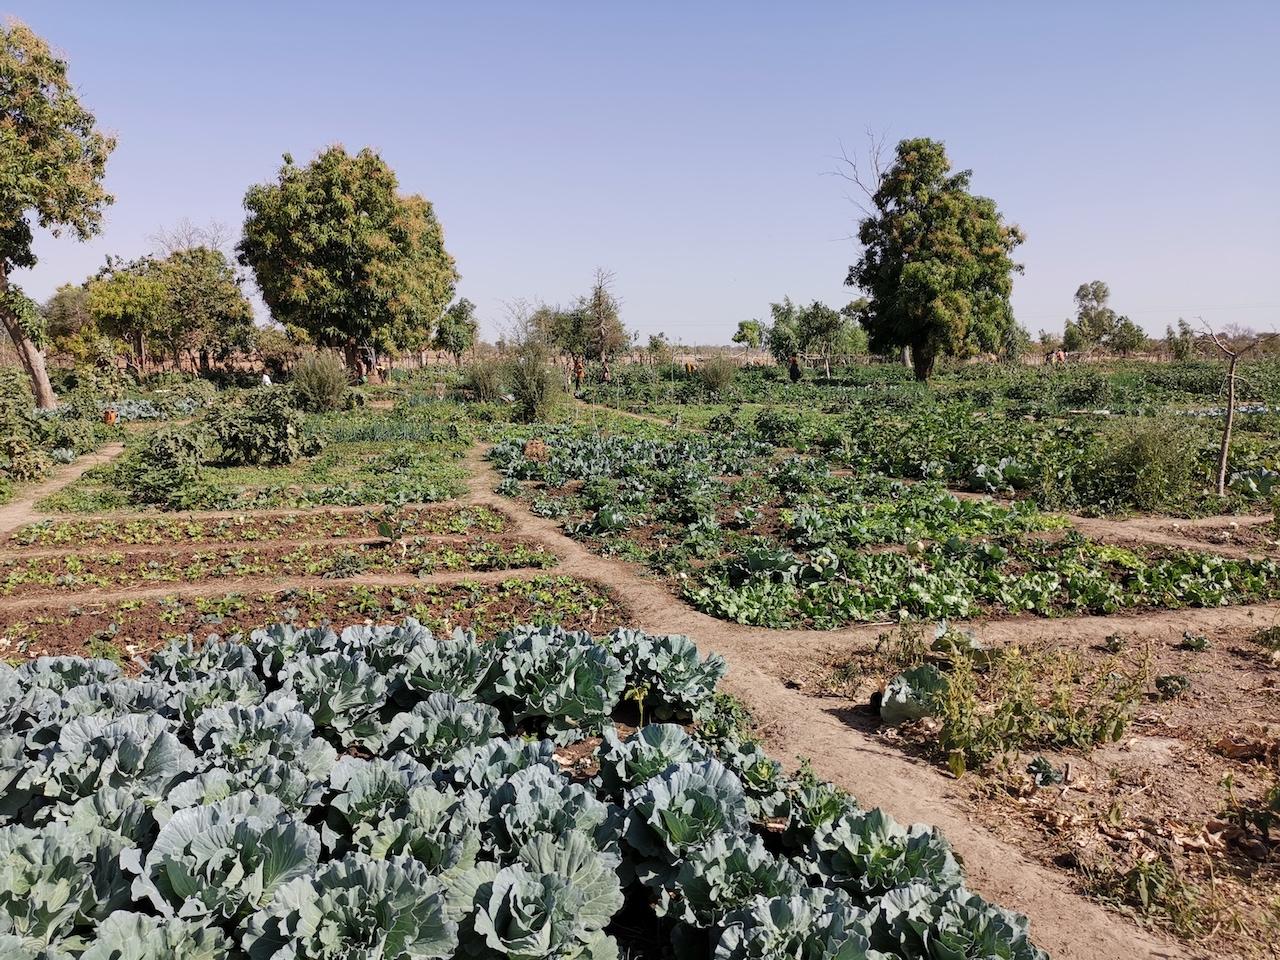 Verdure en zone sub sahélienne